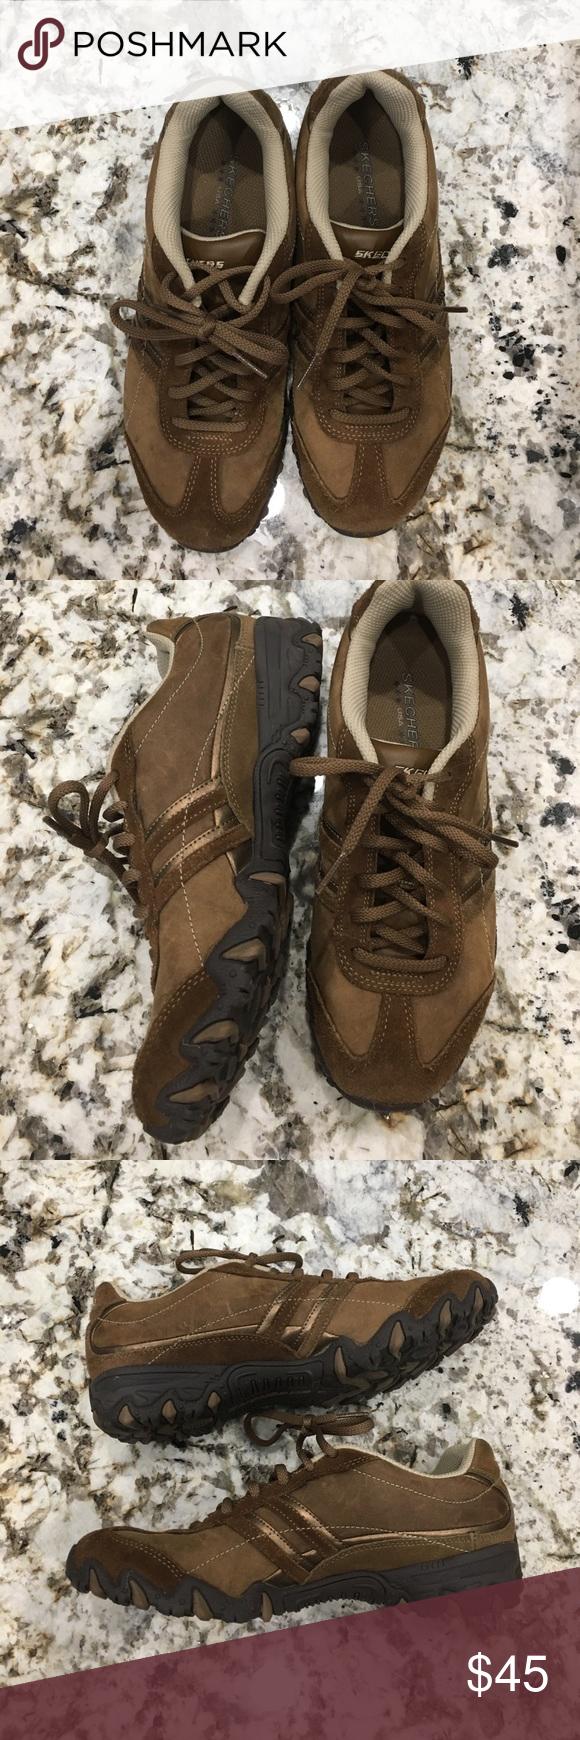 67d9fa7269a0 Women s 7.5 Skechers Organic Desert Shoes Sneakers Women s size 7.5 Skechers  Brown Organic Desert Dressy Sneakers